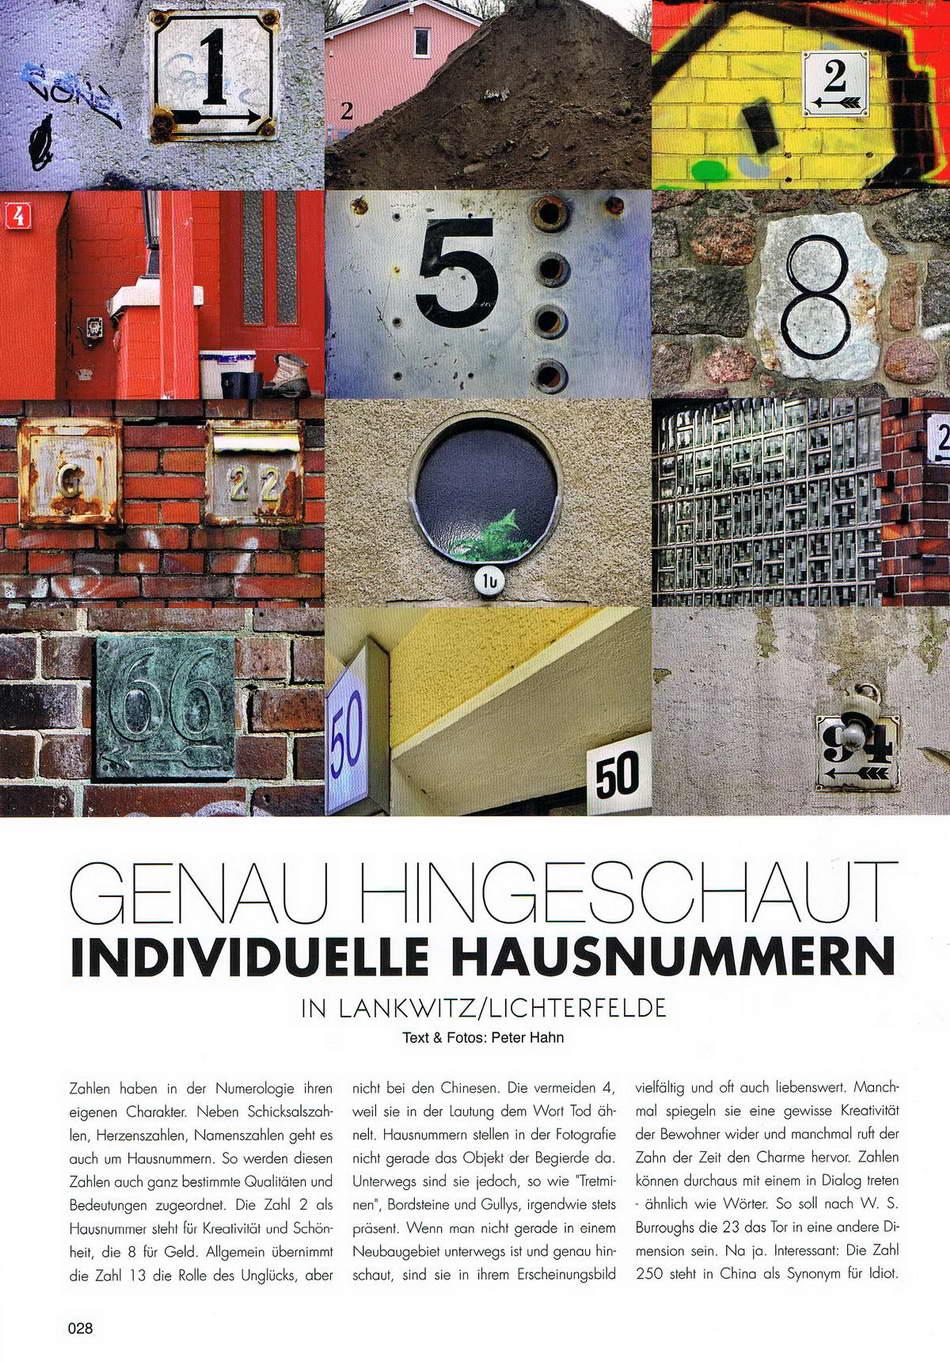 2017.04.00 Ferdinandmarkt Hausnummern konv1